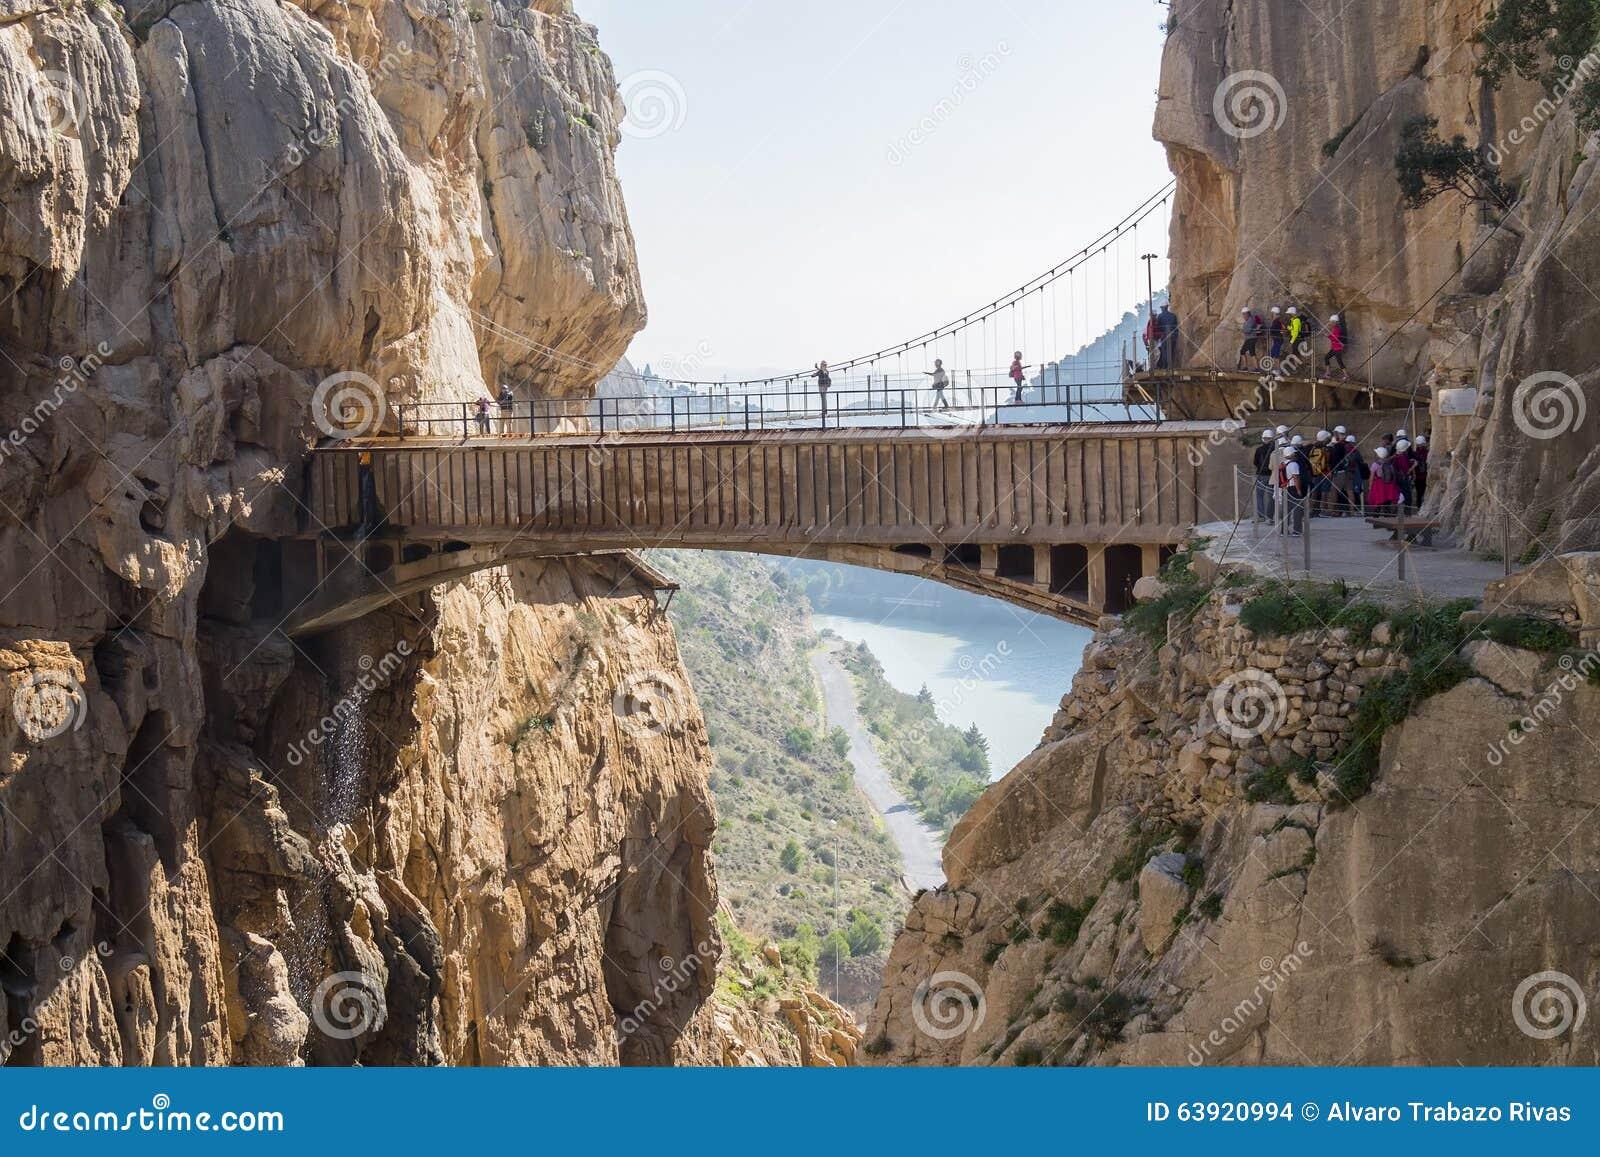 Gr Caminito del Rey  (Weinig Weg van de Koning), het Meeste Gevaar van de Wereld